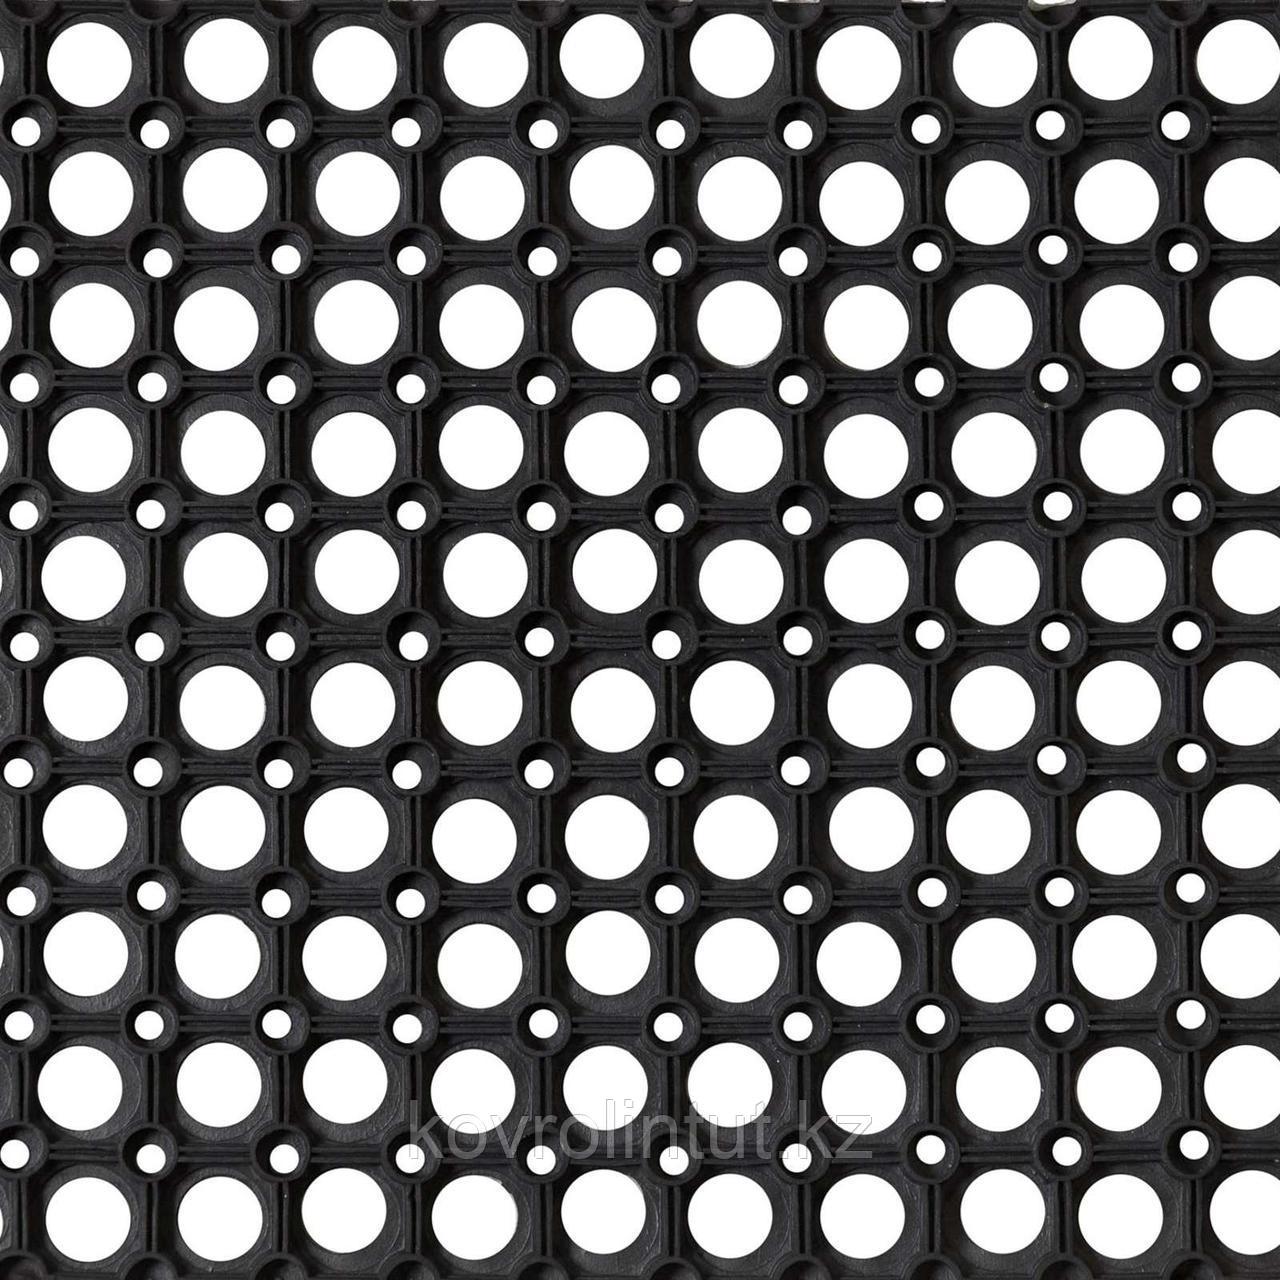 Коврик резиновый Ринго-мат 100х150 см, 16 мм, черный